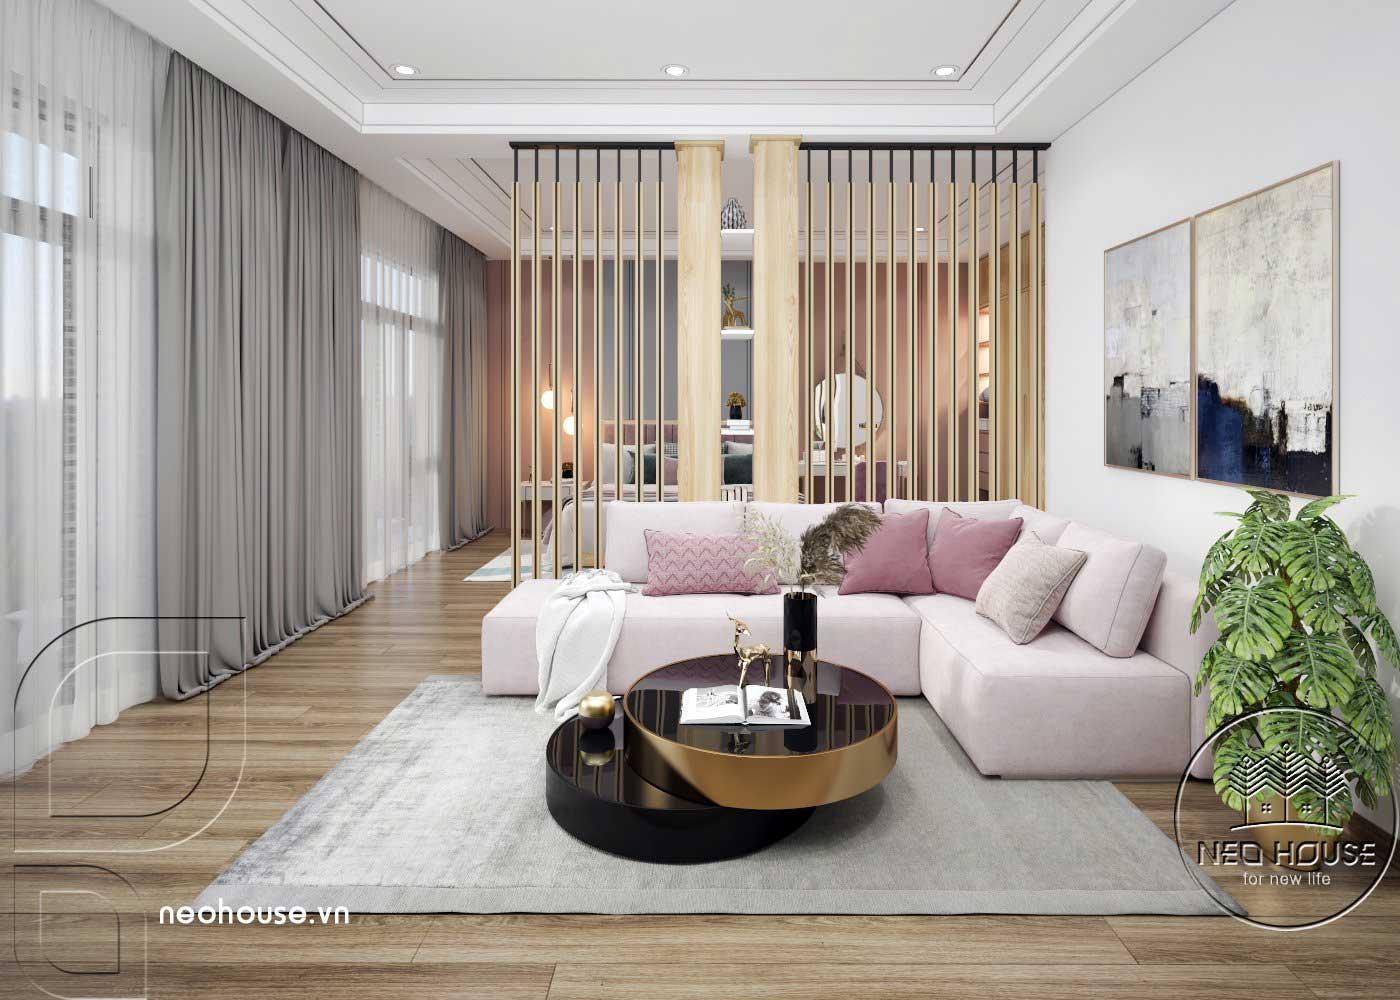 Thiết kế thi công cải tạo nhà phố 3 tầng với không gian nội thất phòng ngủ Master 02. Ảnh 3